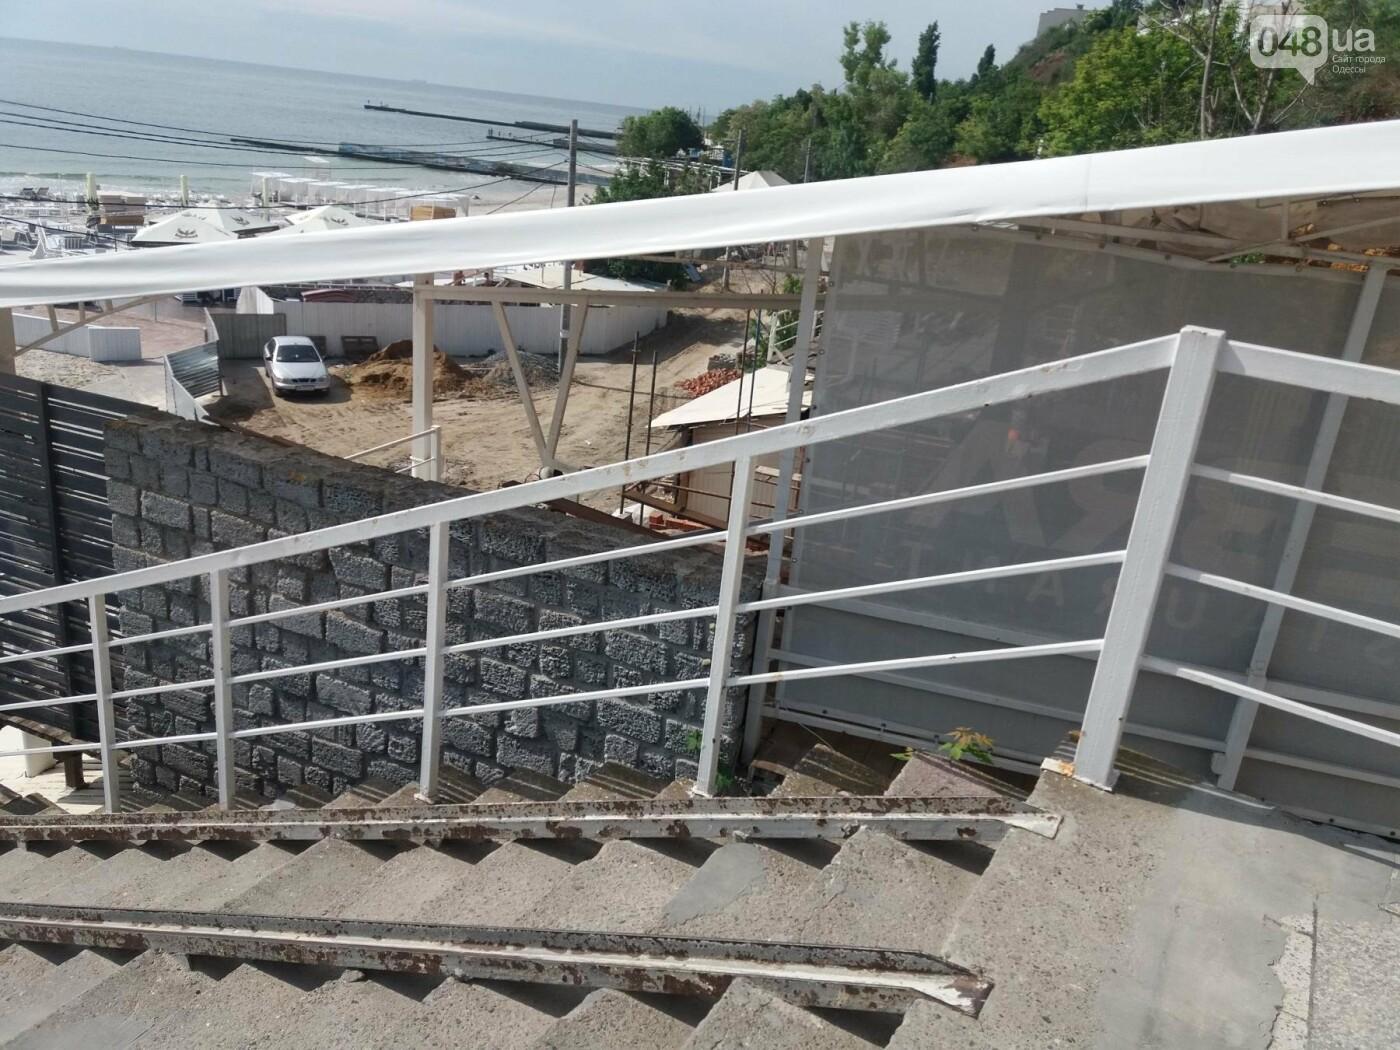 На 10 станции Фонтана в Одессе продолжается строительство эстакады, - ФОТО , фото-4